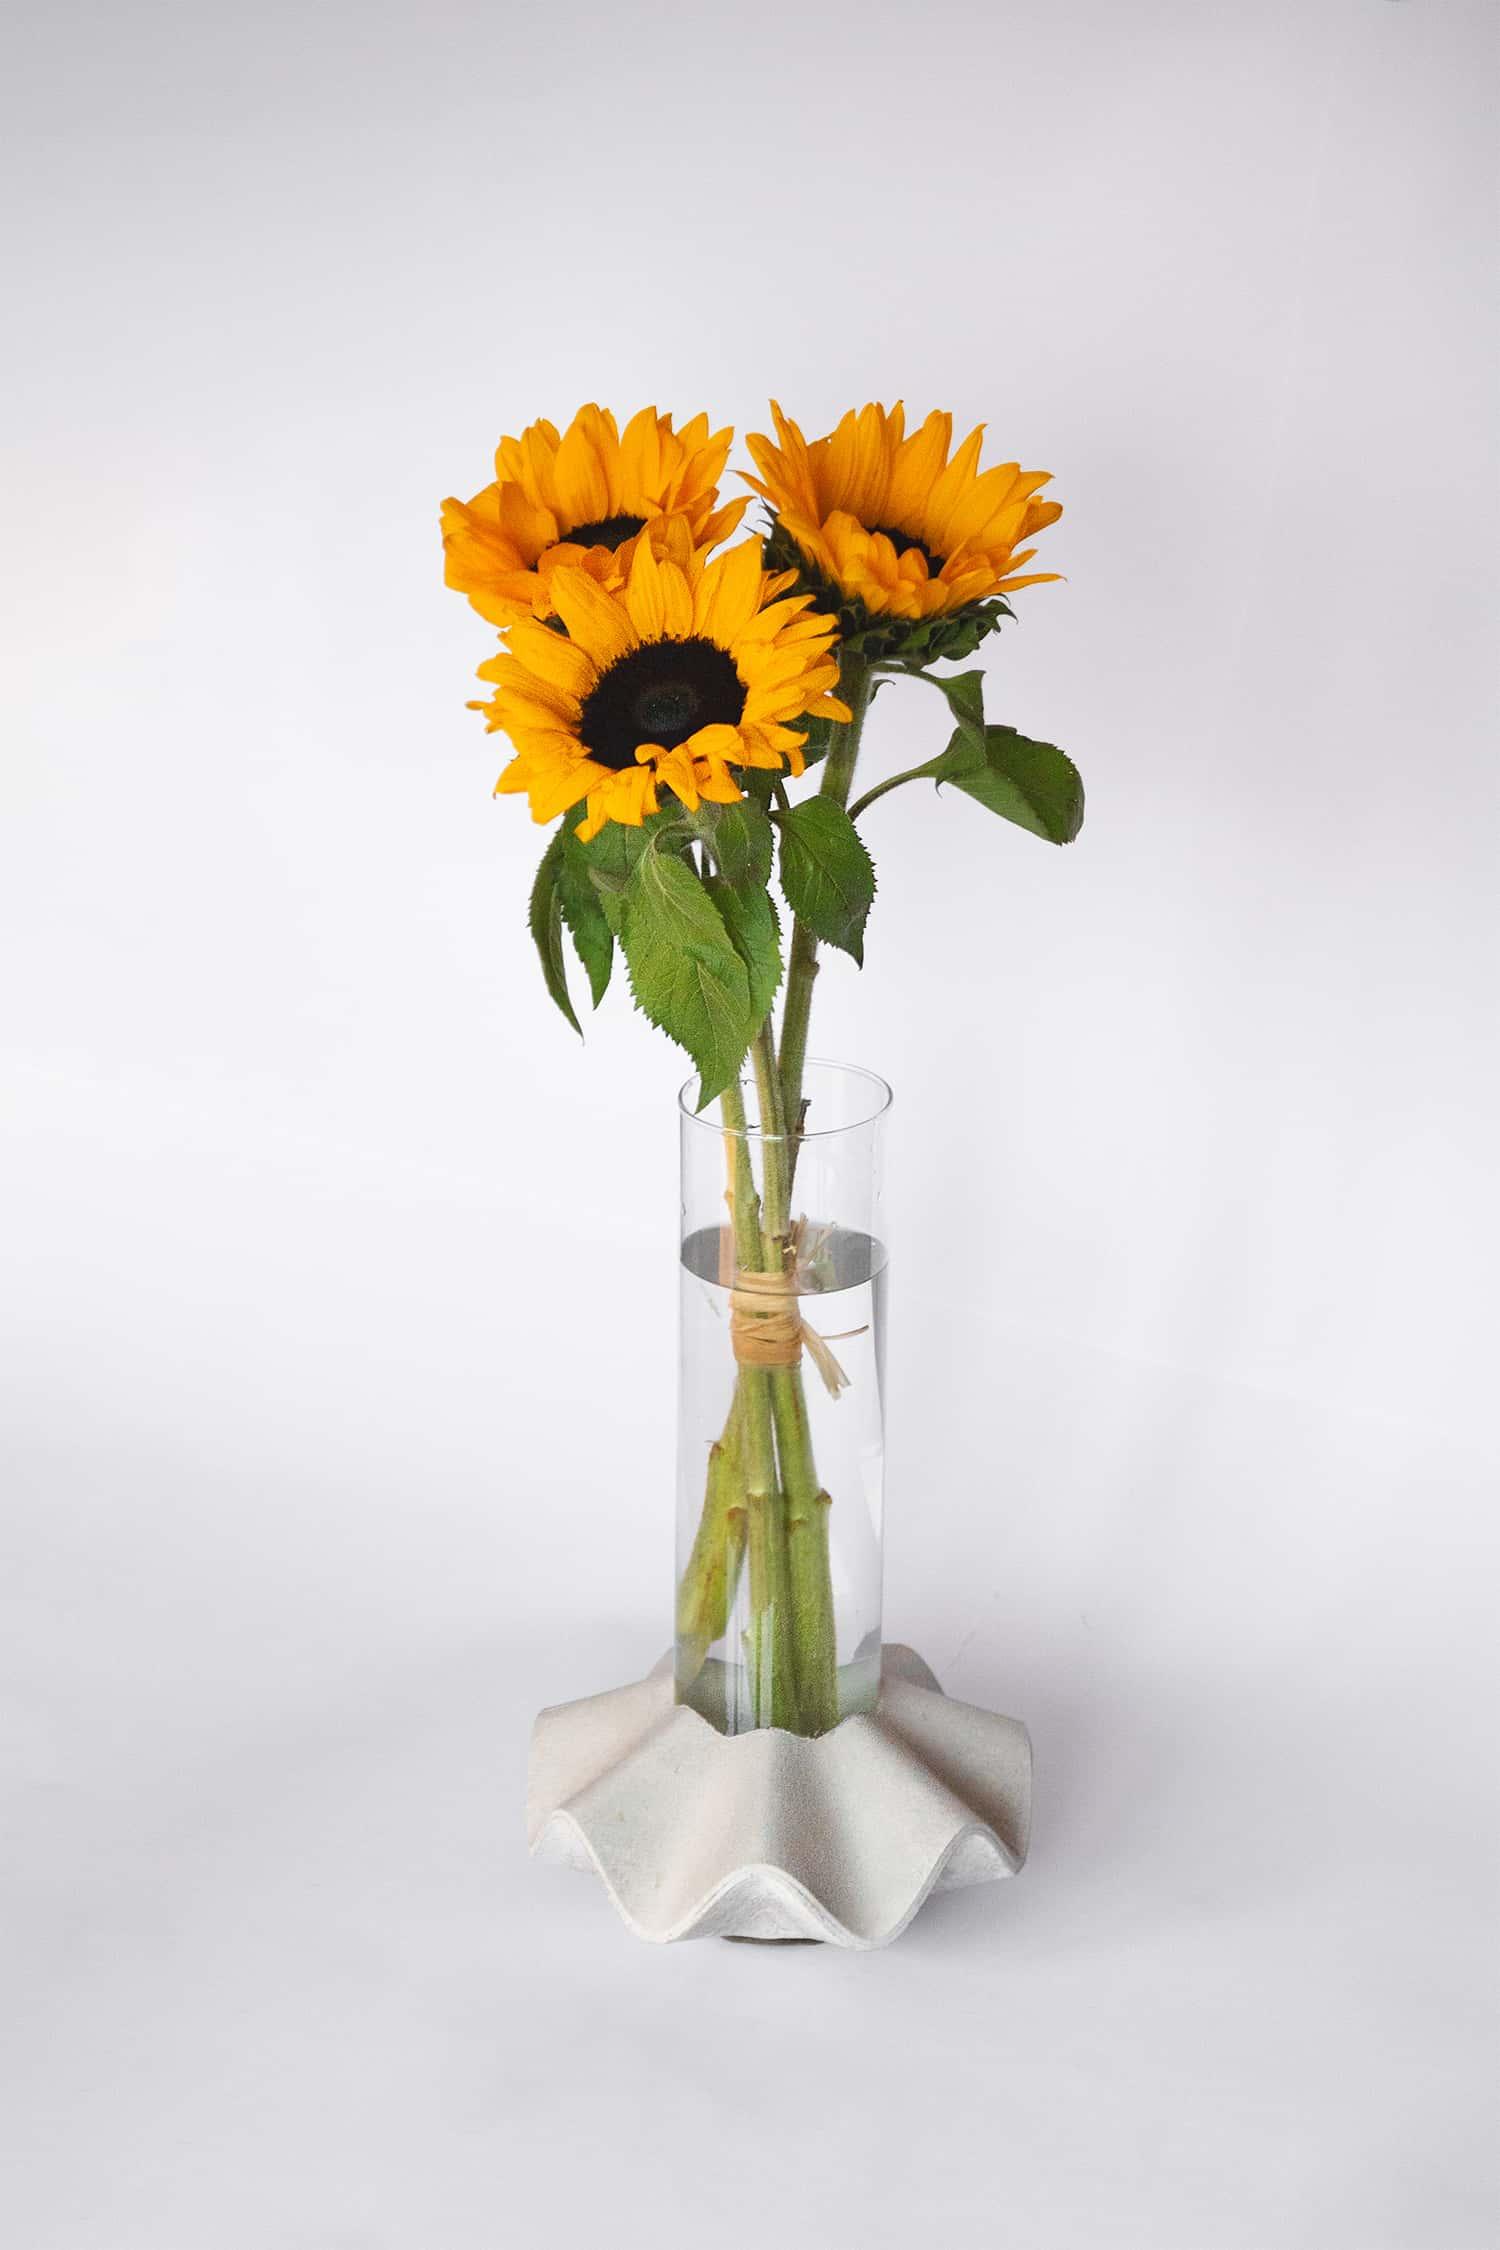 Váza Novaza 77 s jednoduchou valentýnskou květinou slunečnic